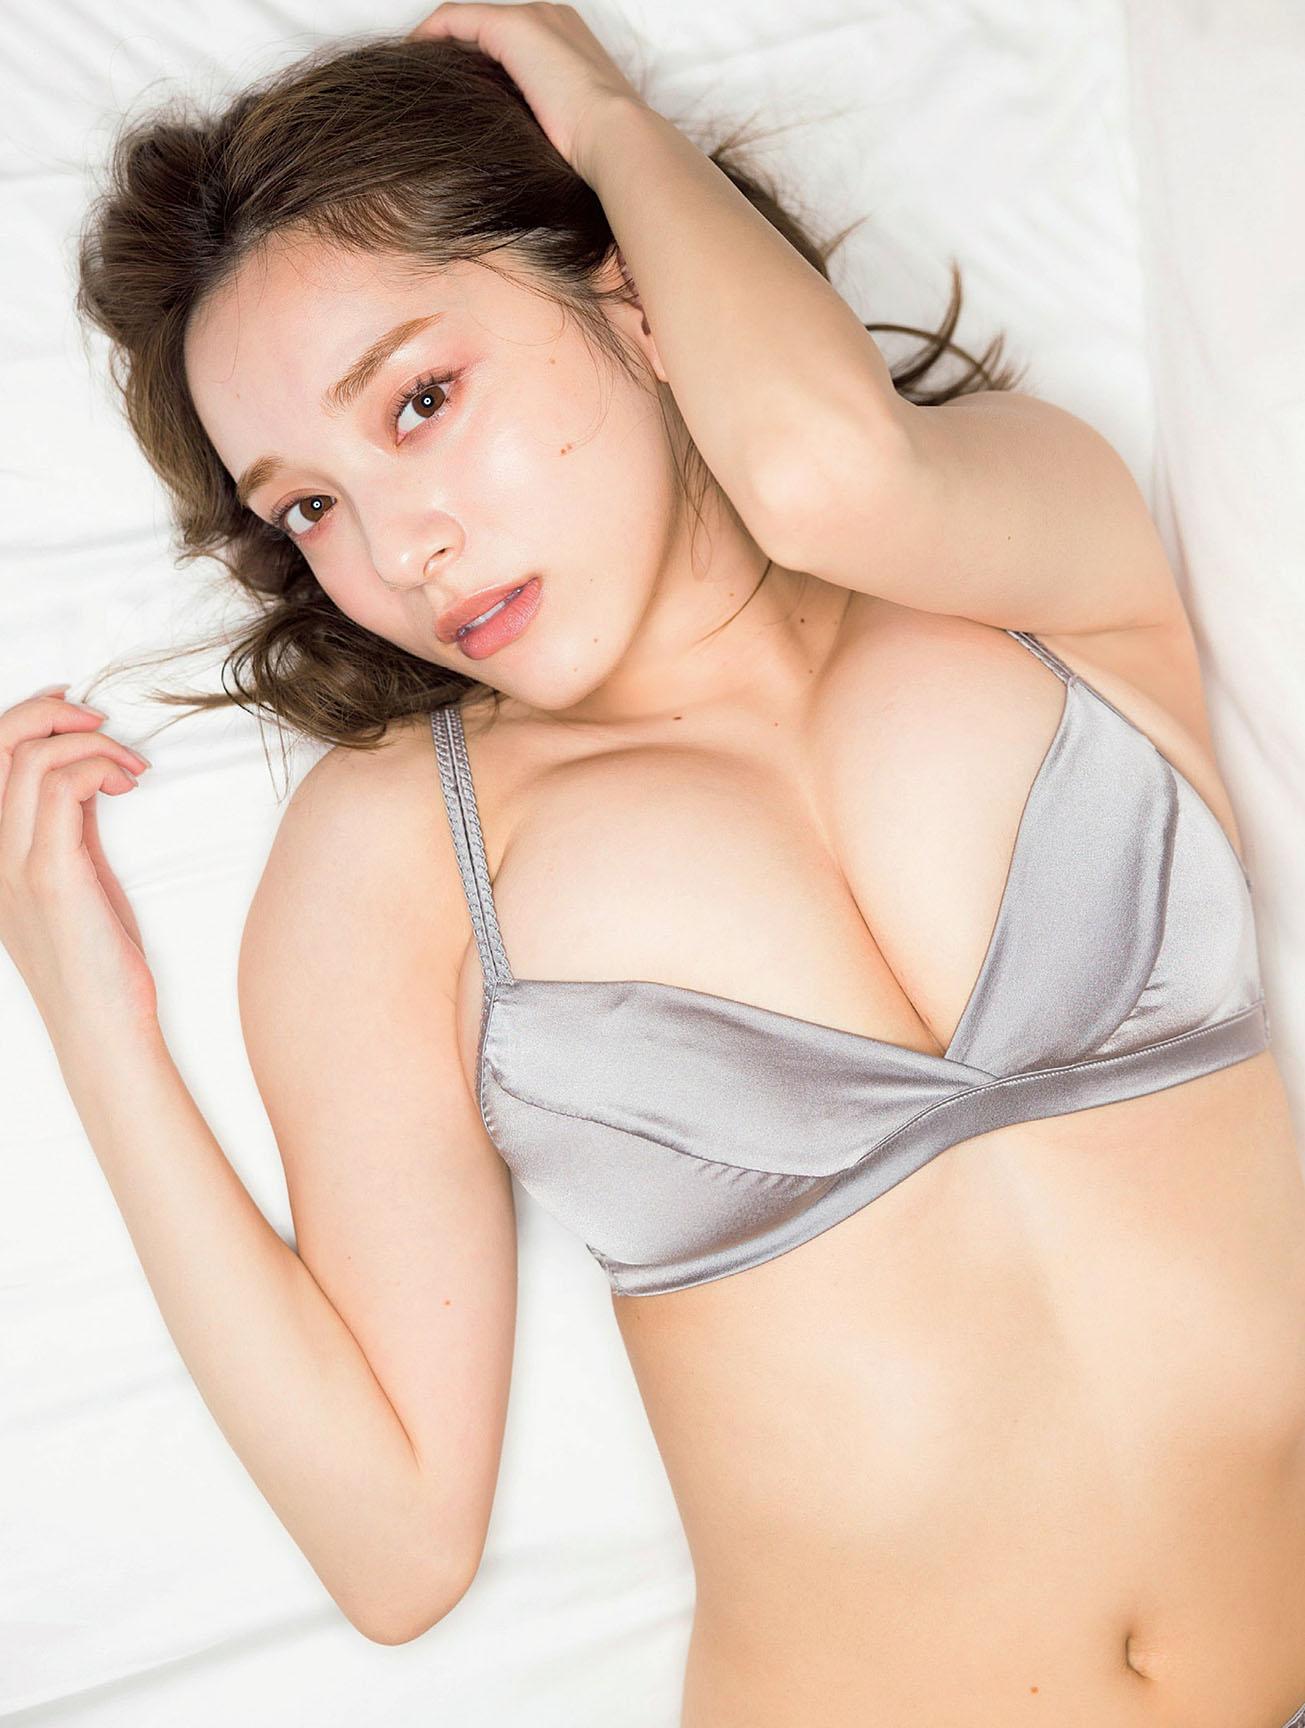 Sayaka Tomaru Flash 210921 08.jpg